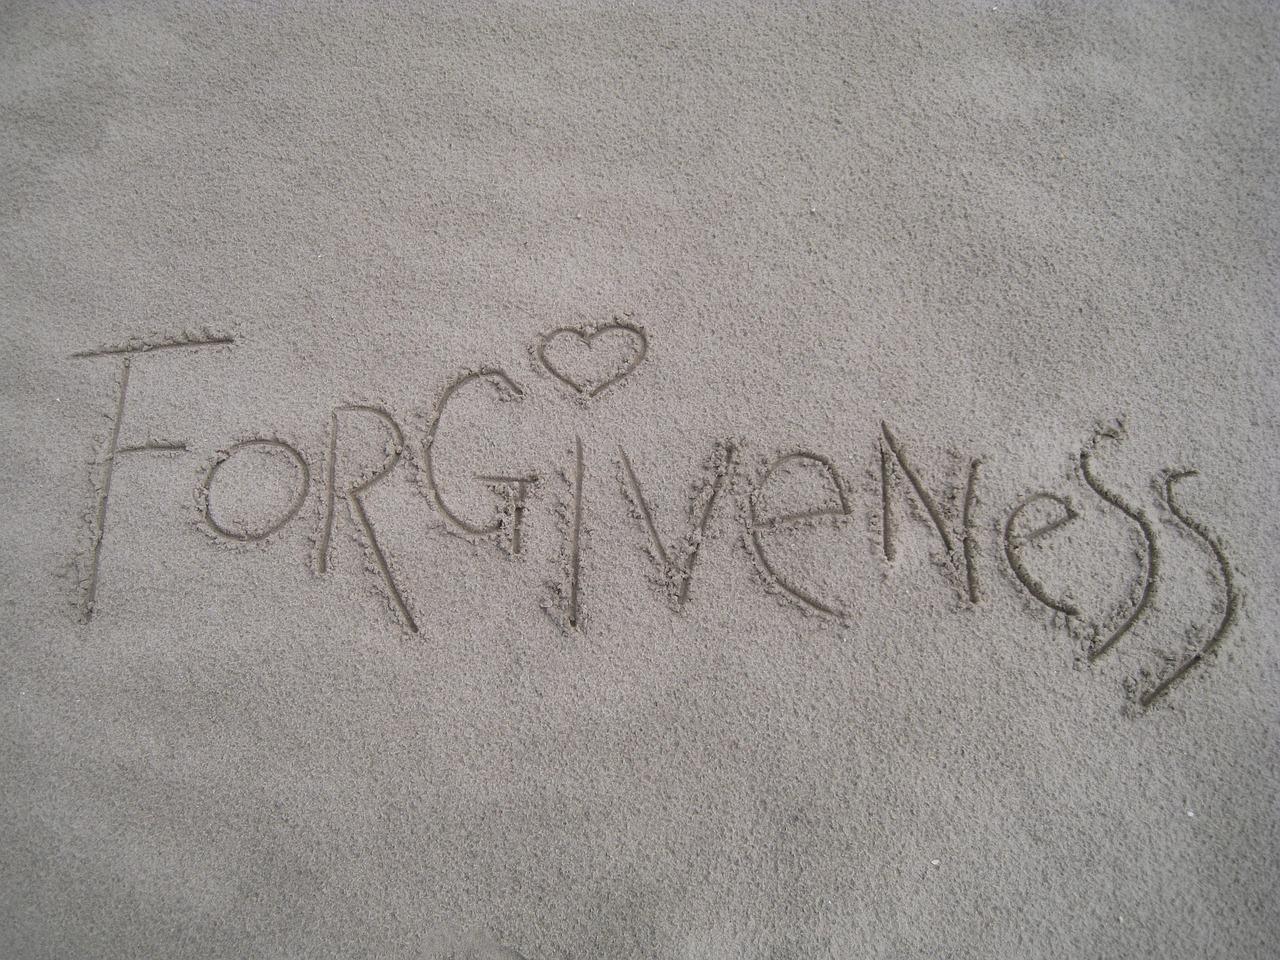 tears-broken-soul-forgive